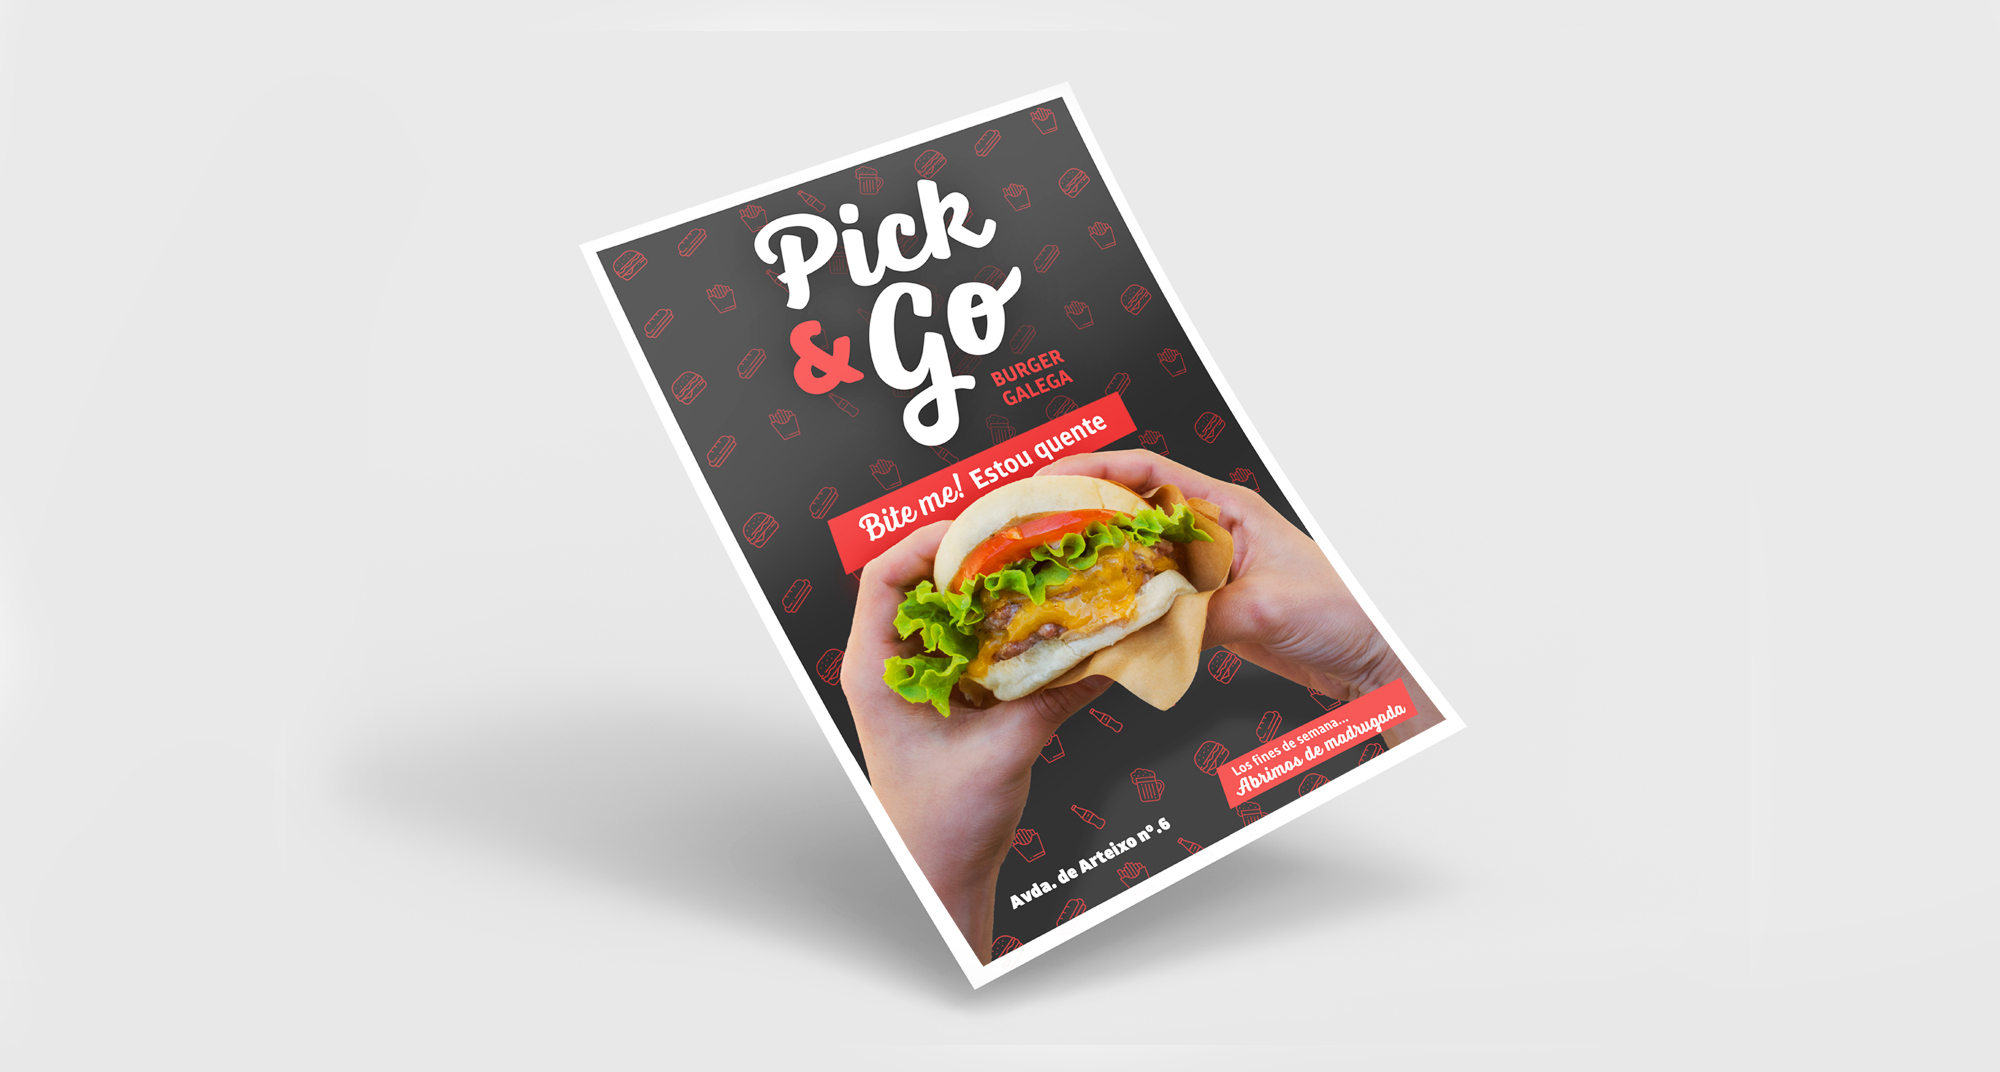 Diseño del flyer para repartir por las calles de A Coruña con motivo de la apertura de la hamburguesería